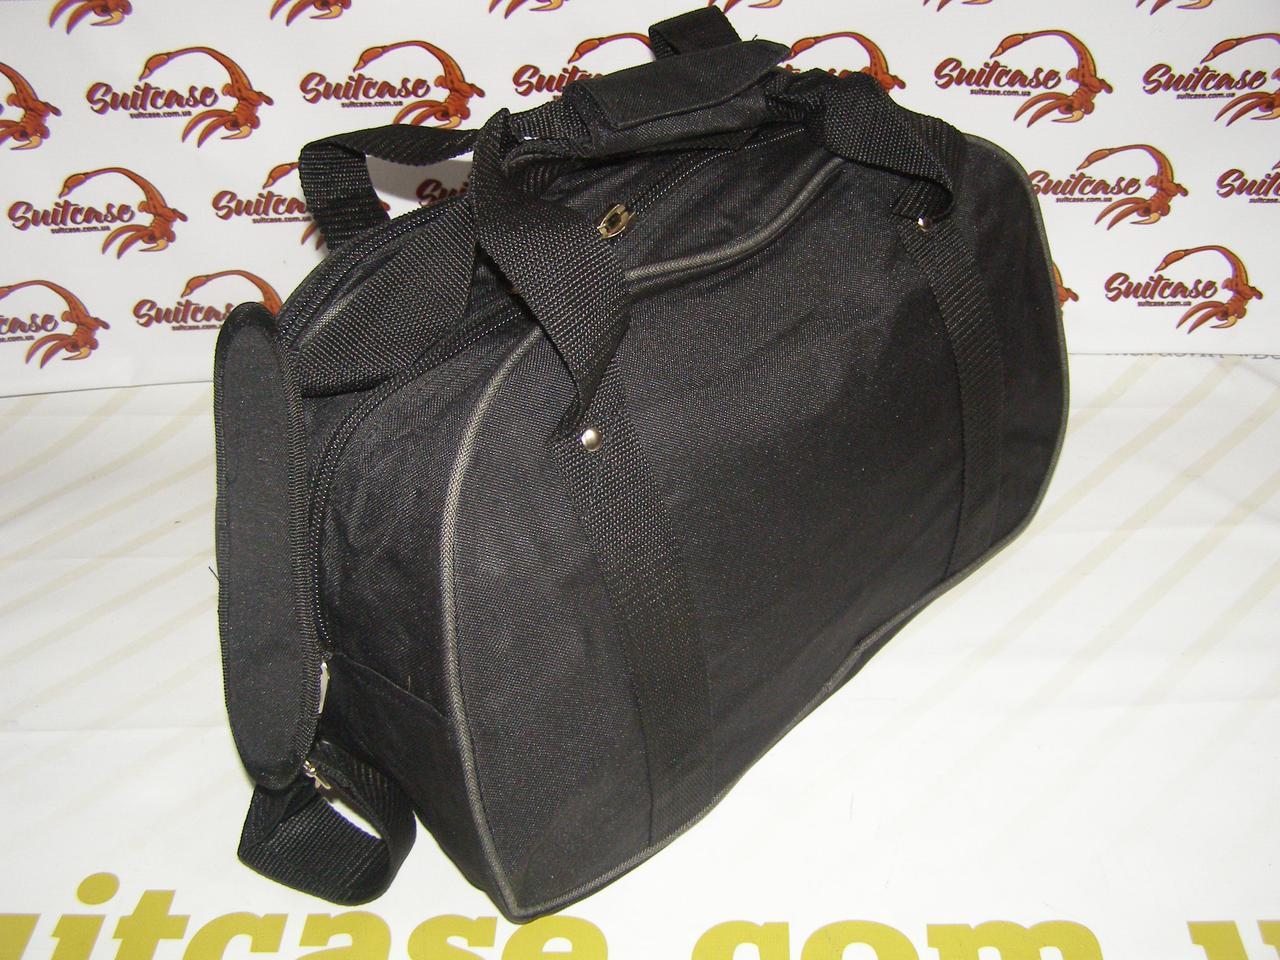 555d06588f98 Сумка овал (Маленькая) Sainkon - черная с серым, цена 473 грн., купить в  Конотопе — Prom.ua (ID#690849857)